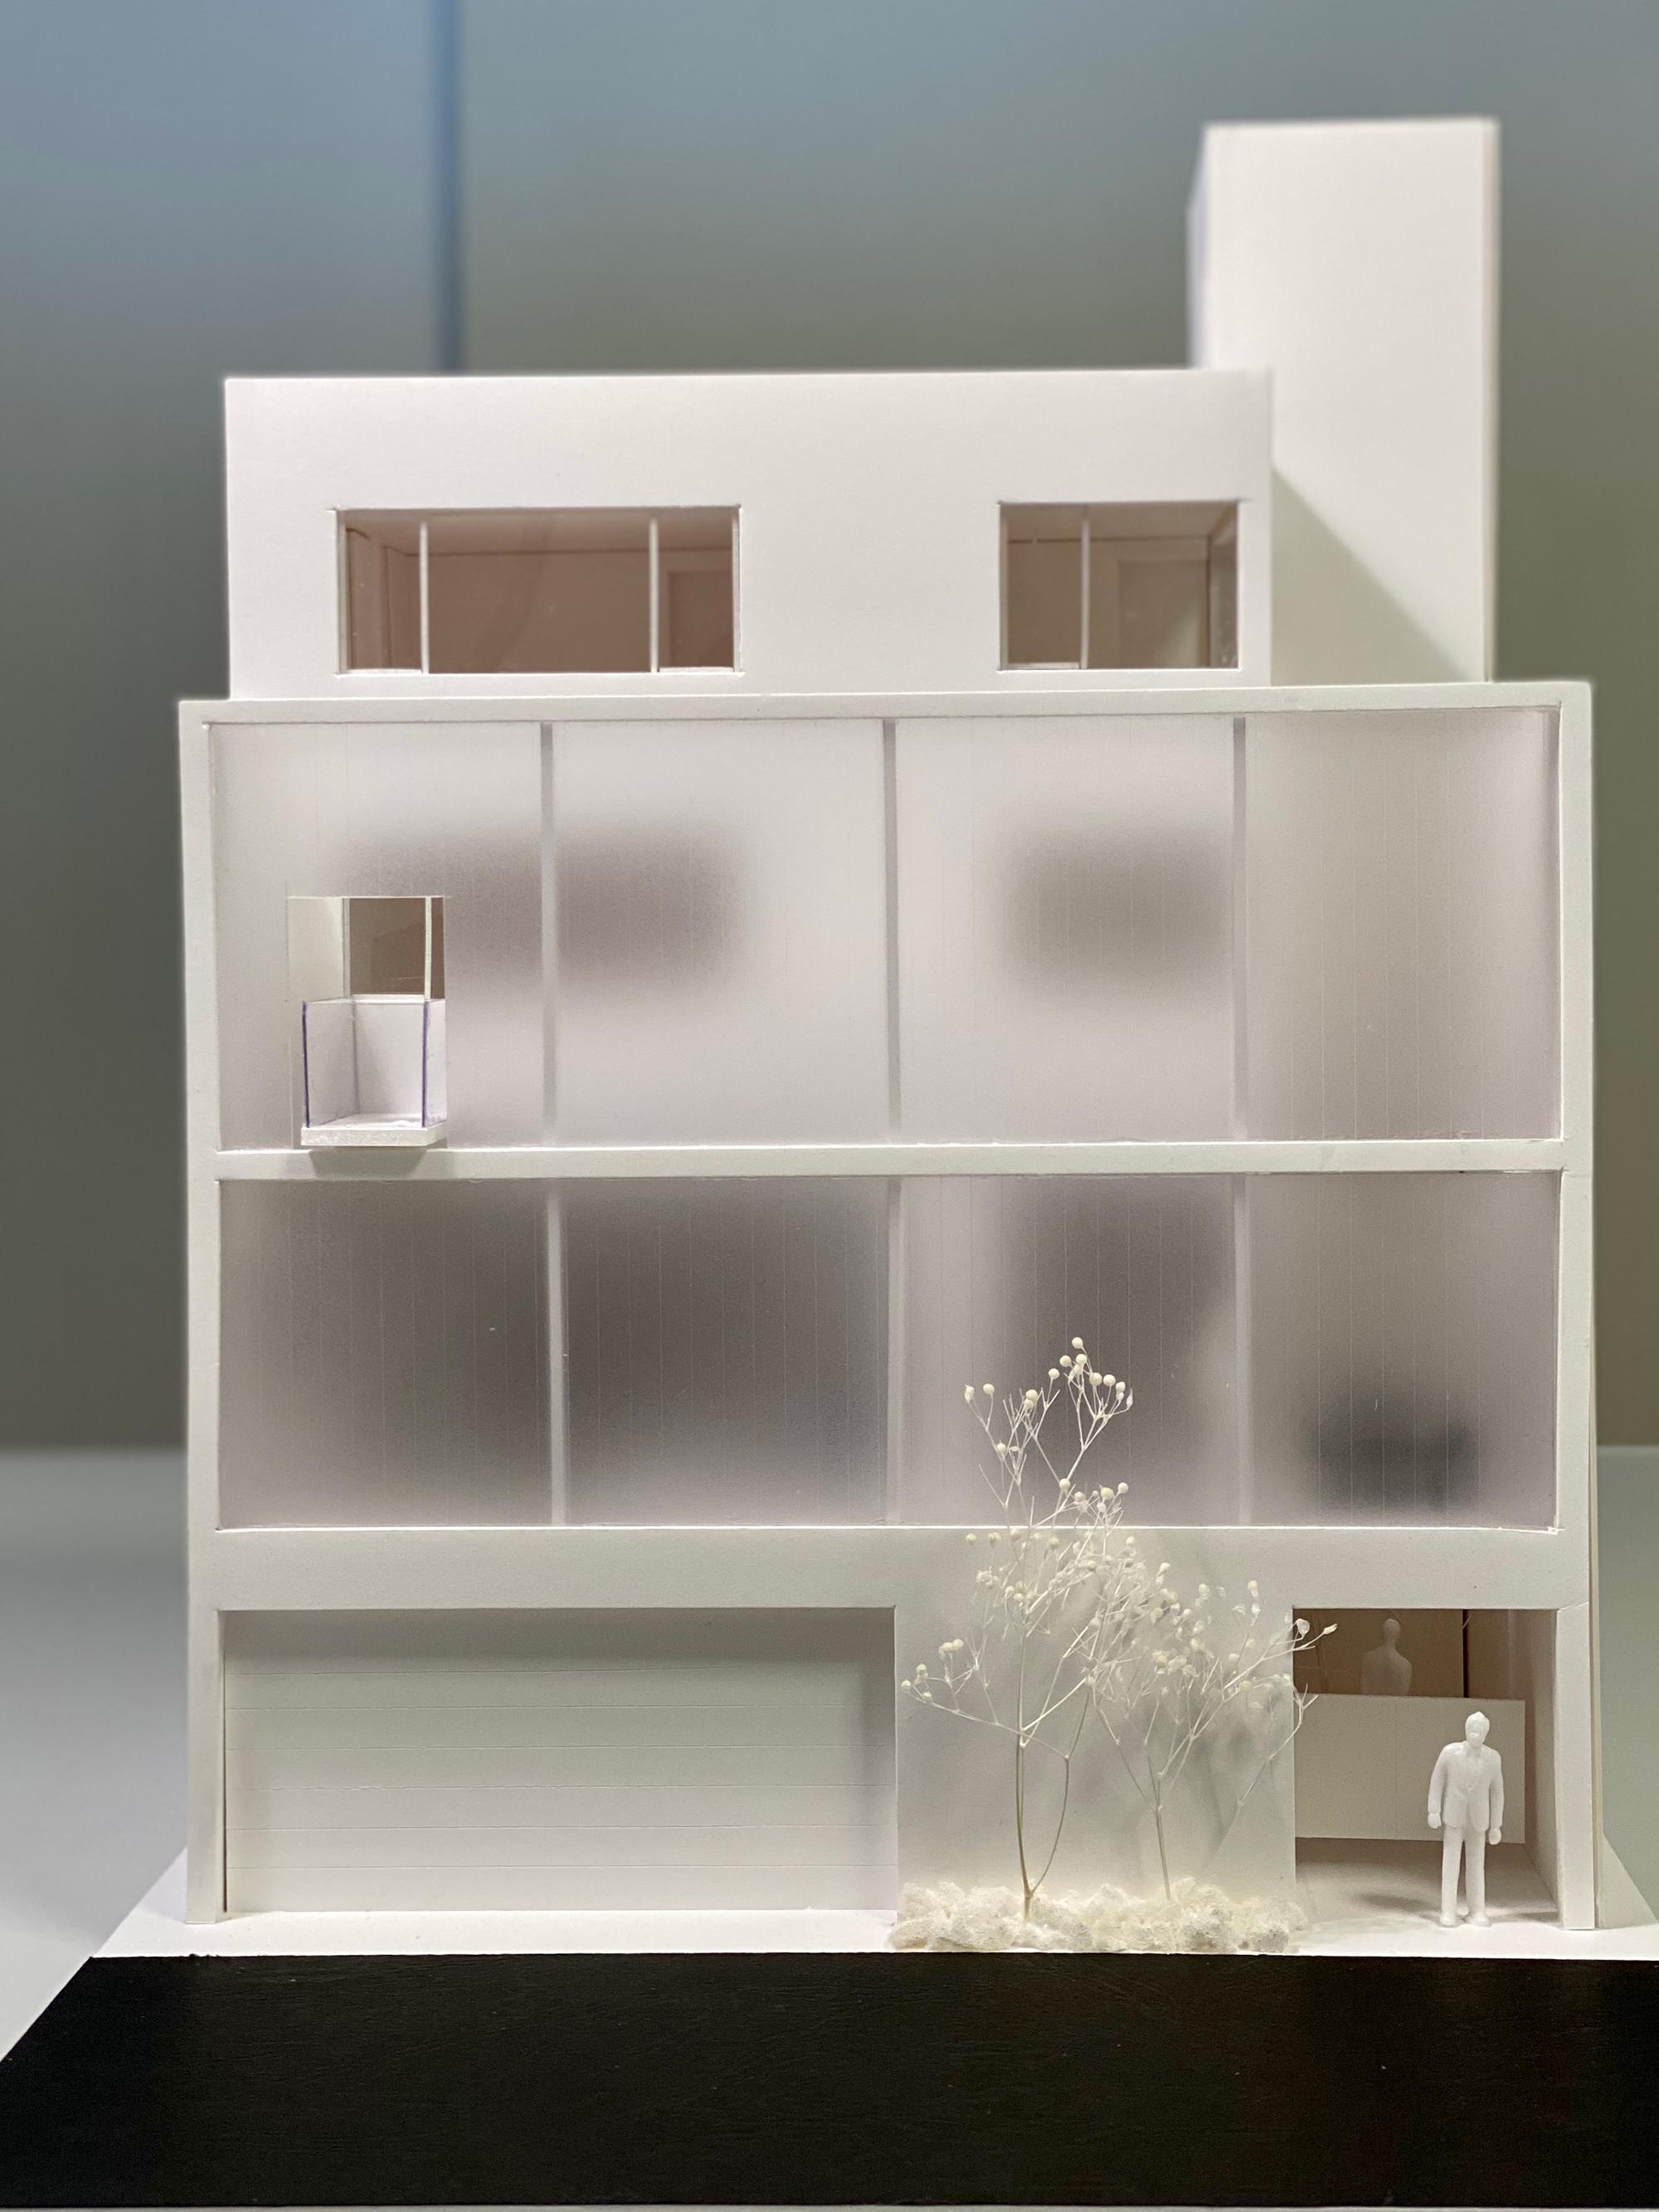 ウツボ公園の家|大阪の建築設計事務所|一級建築士事務所